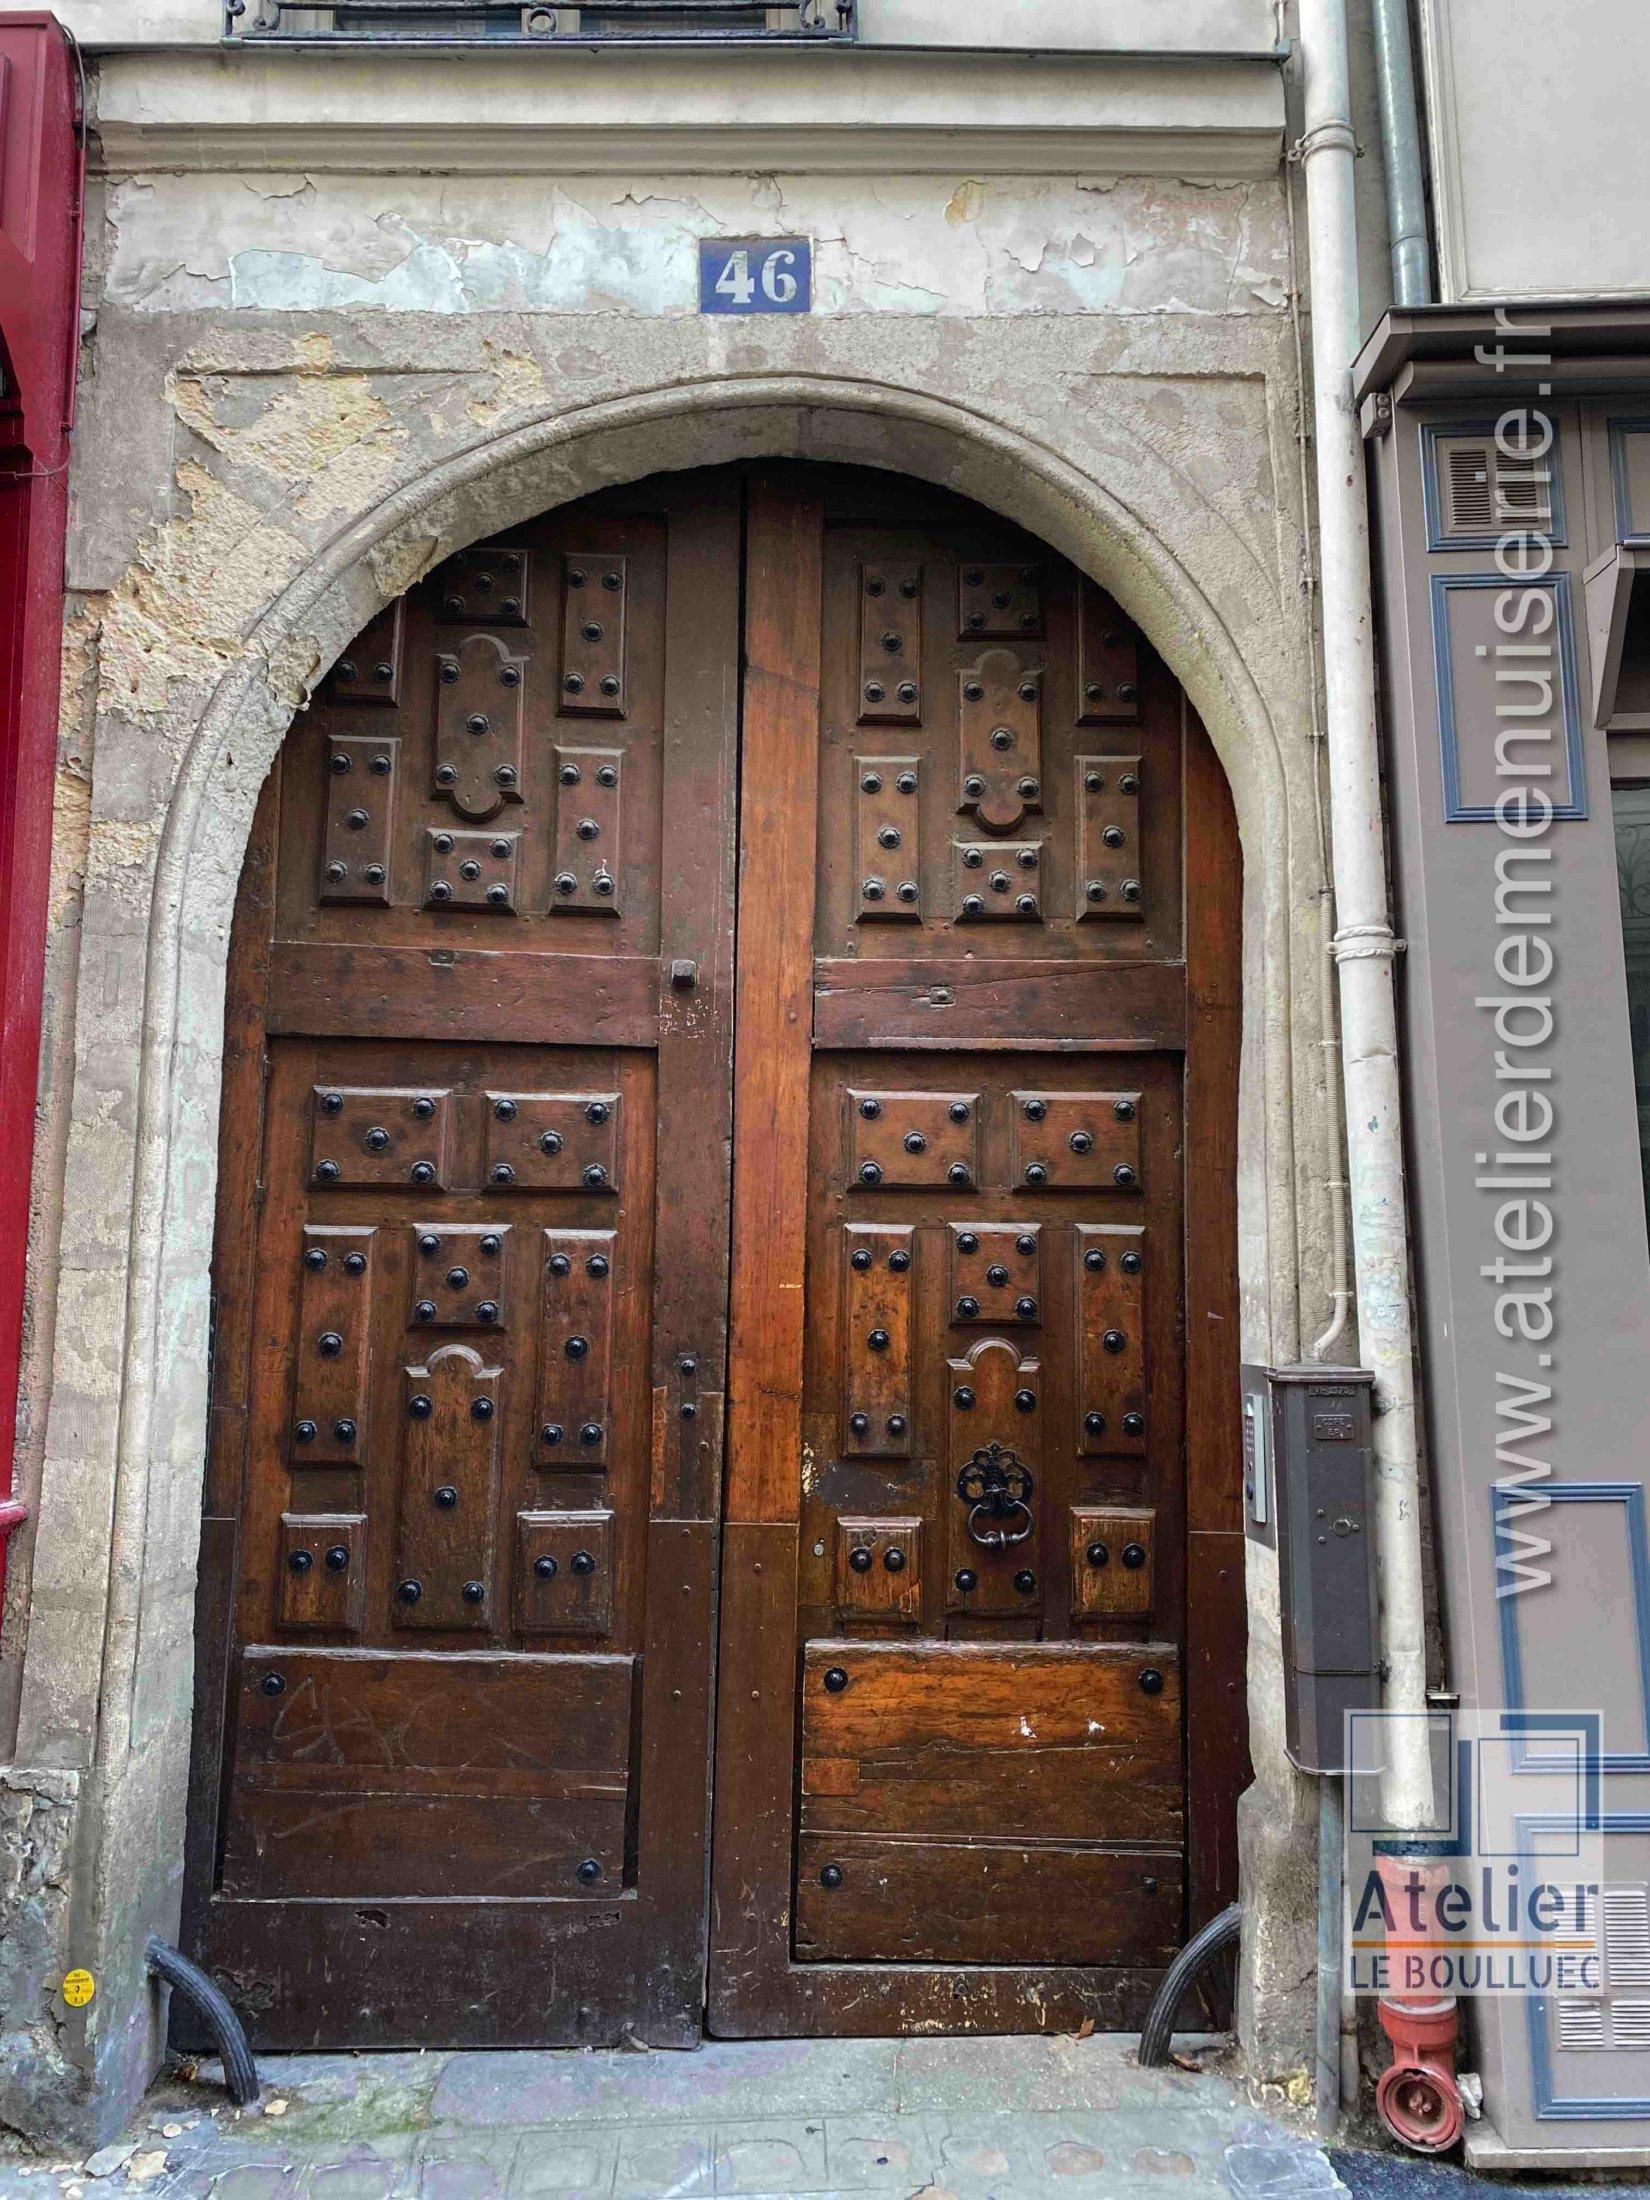 Porte Cochere Fin 17eme - 46 Rue Seguier Paris 6